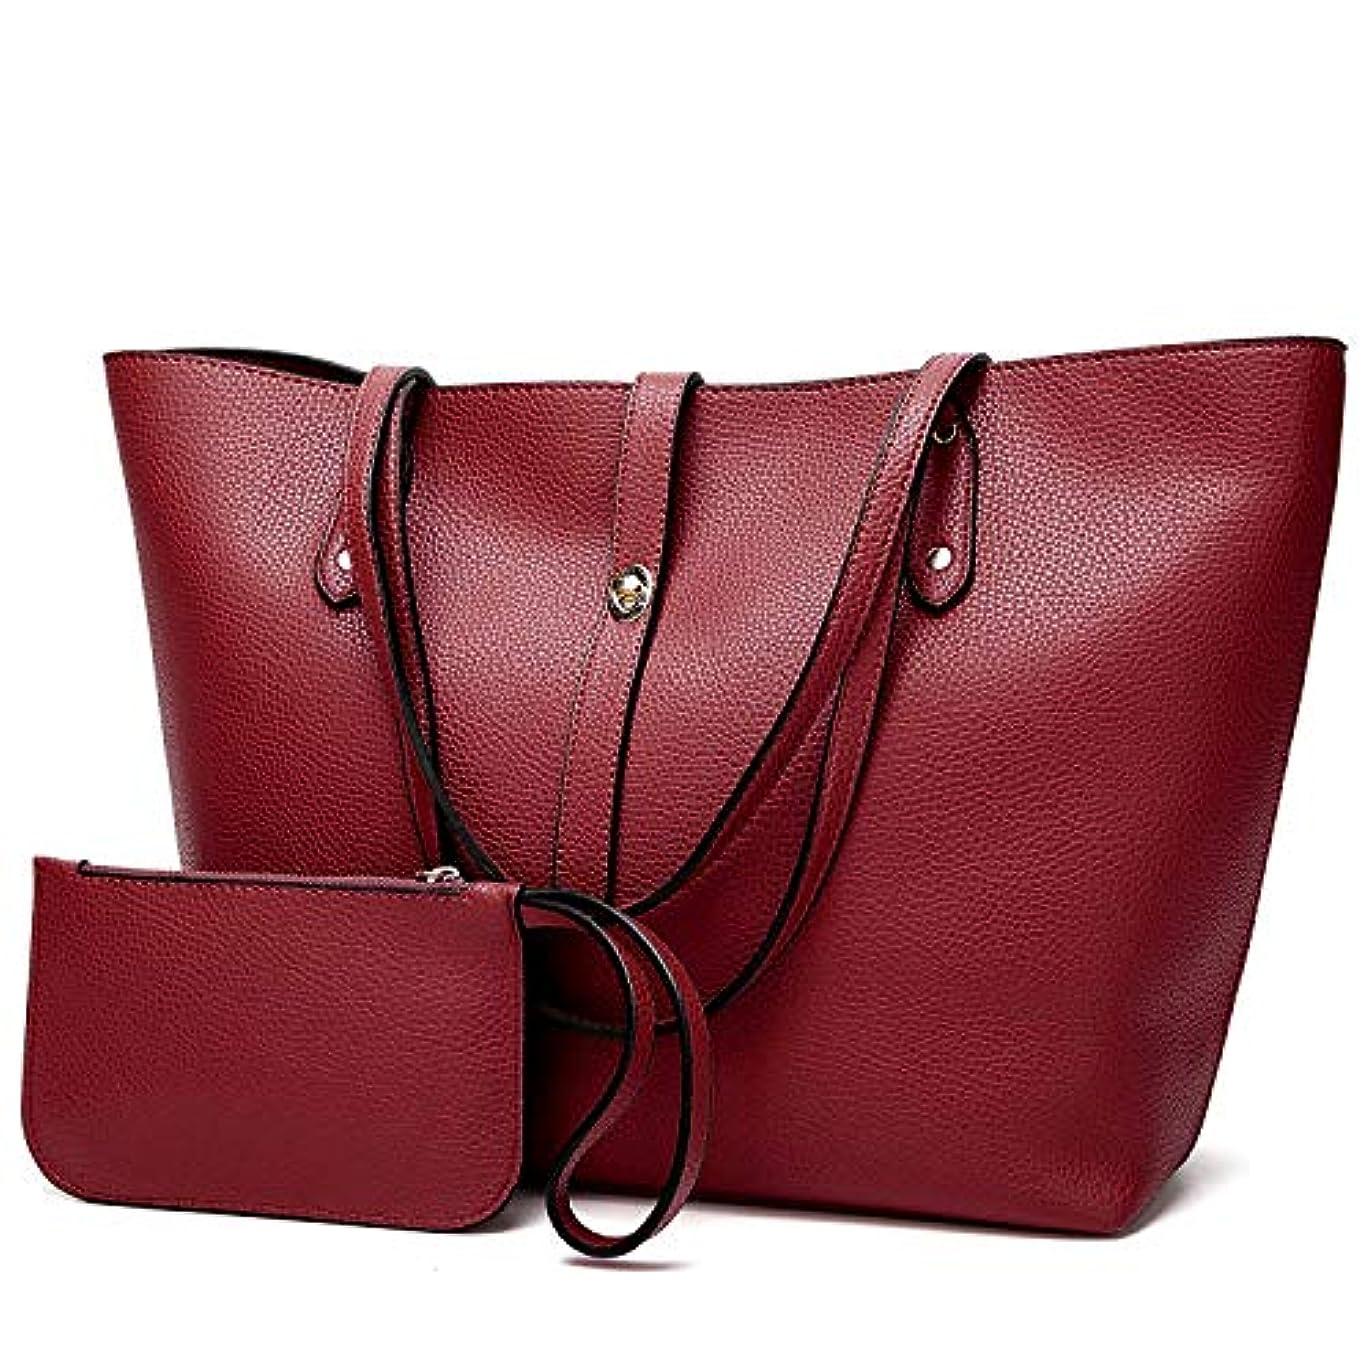 カニシェードメイト[TcIFE] ハンドバッグ レディース トートバッグ 大容量 無地 ショルダーバッグ 2way 財布とハンドバッグ